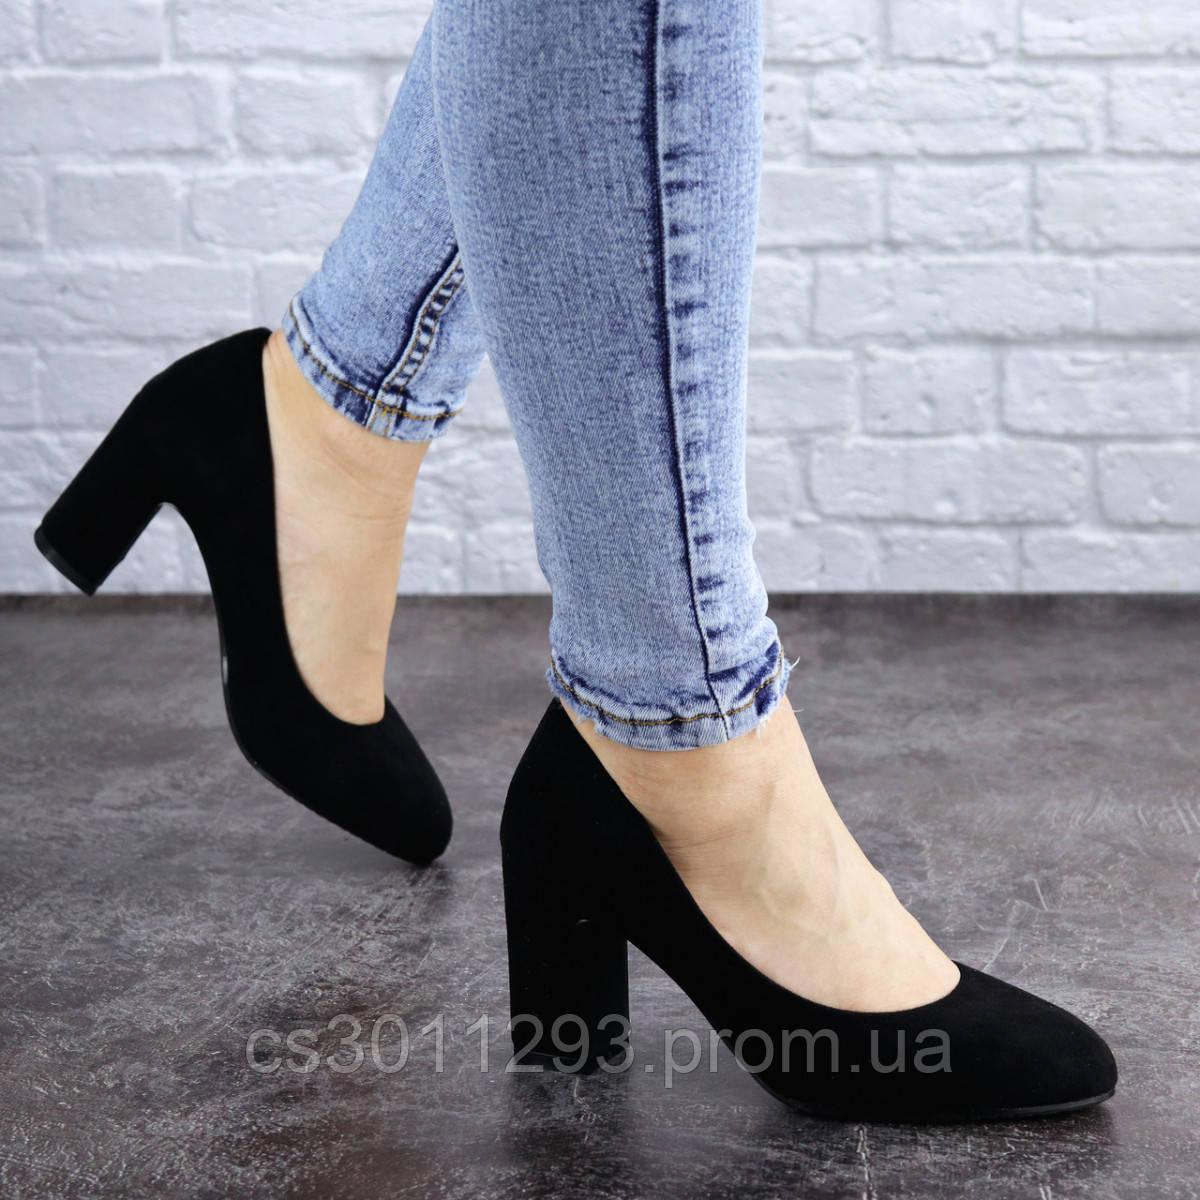 Туфли женские на каблуке Fashion Gata 2068 36 размер 23,5 см Черный